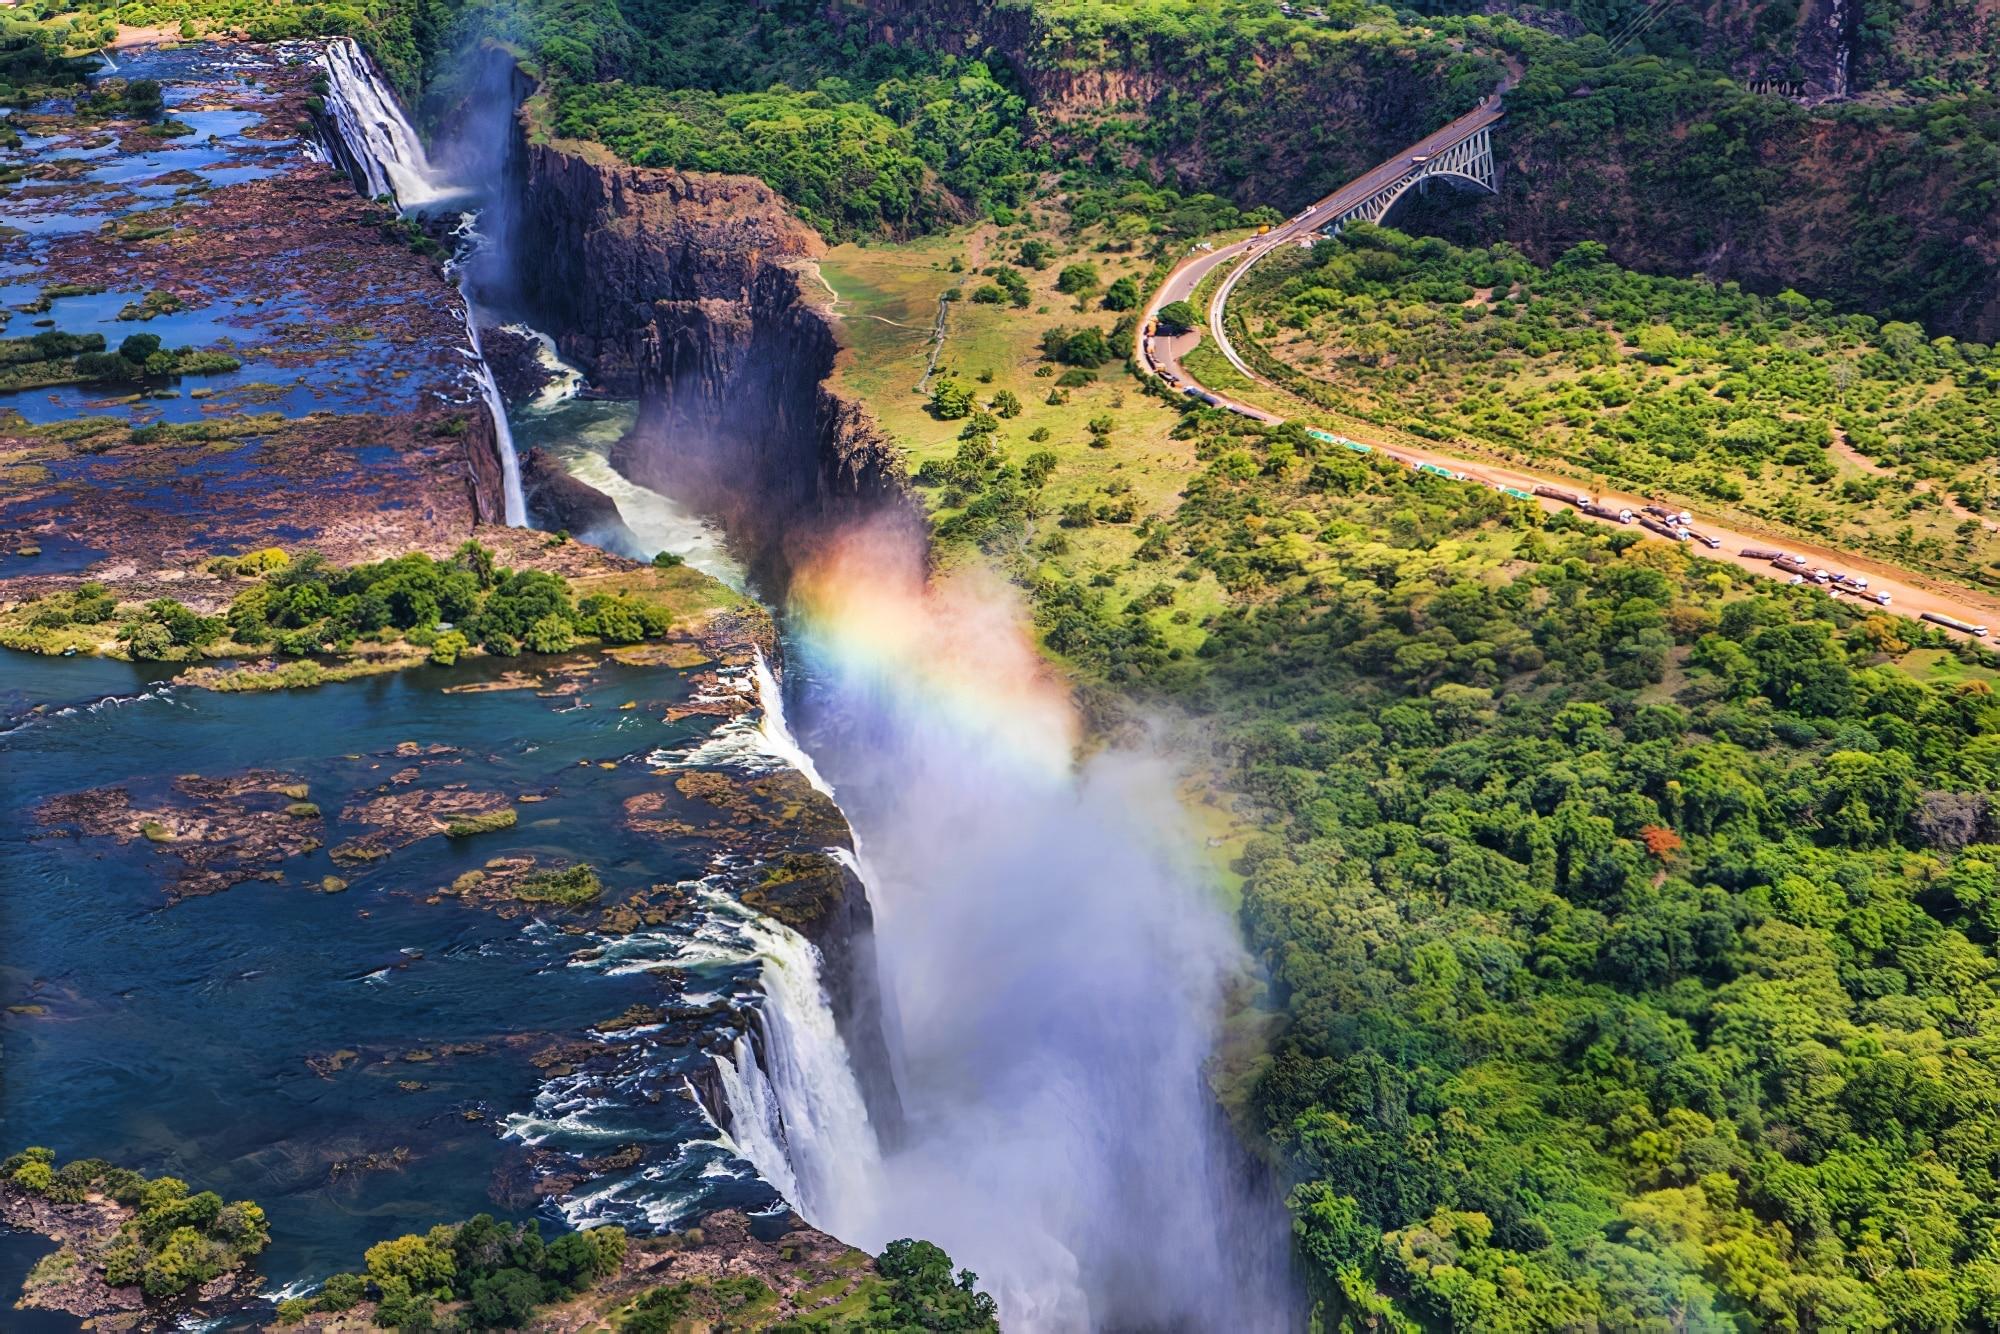 Un arc en ciel sur les chutes Victoria au Zimbabwe, une journée ensoleillée en Afrique